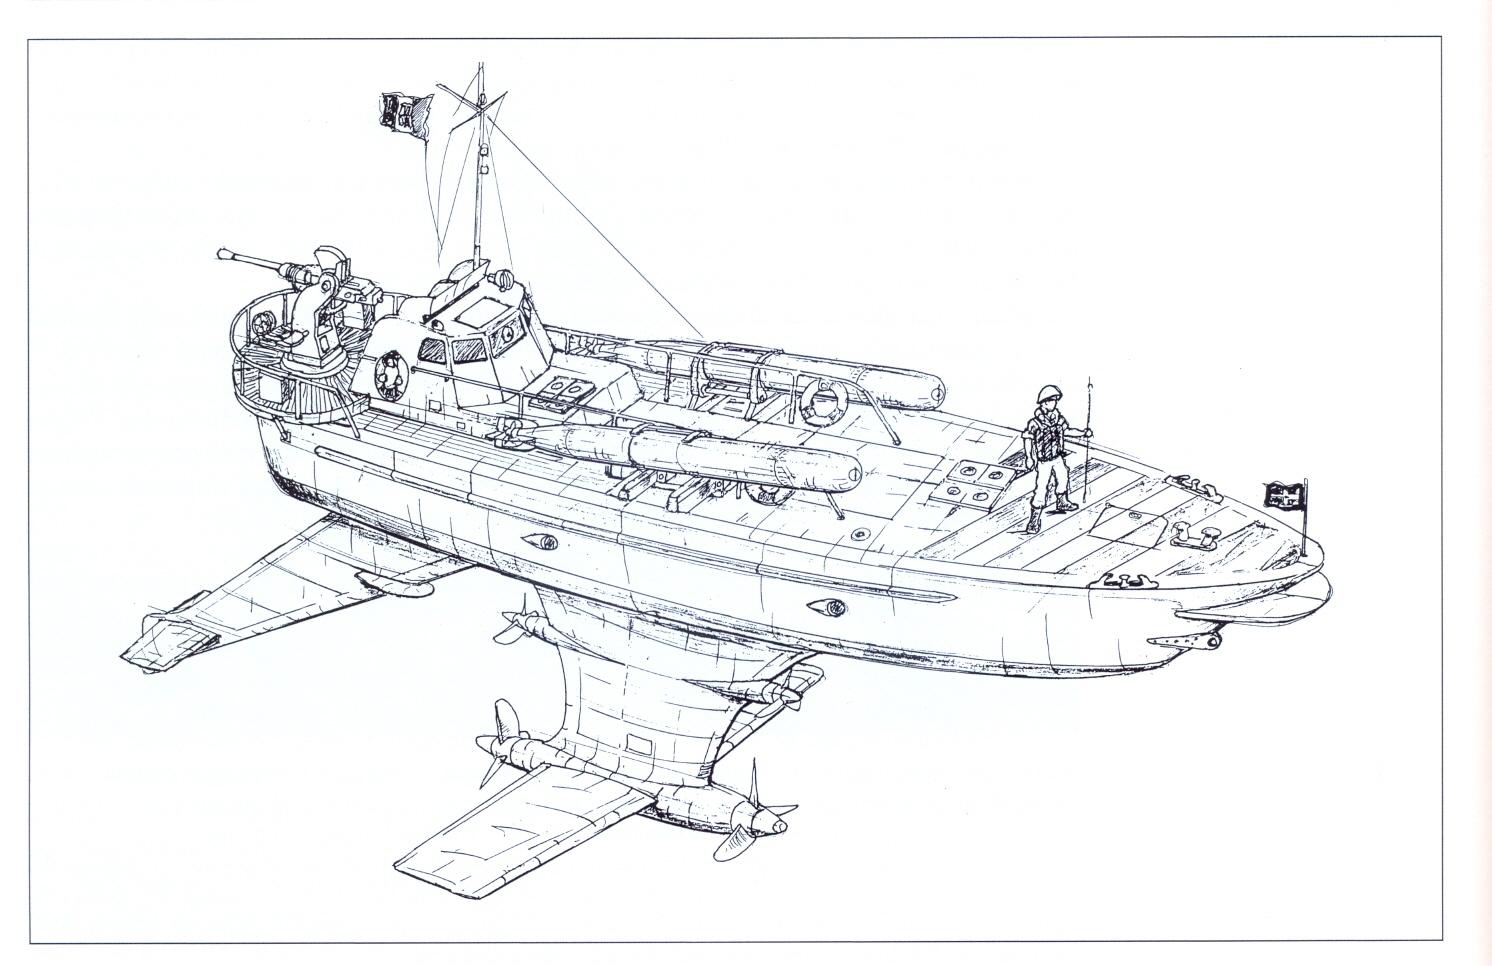 Hydrofoil Design Pdf